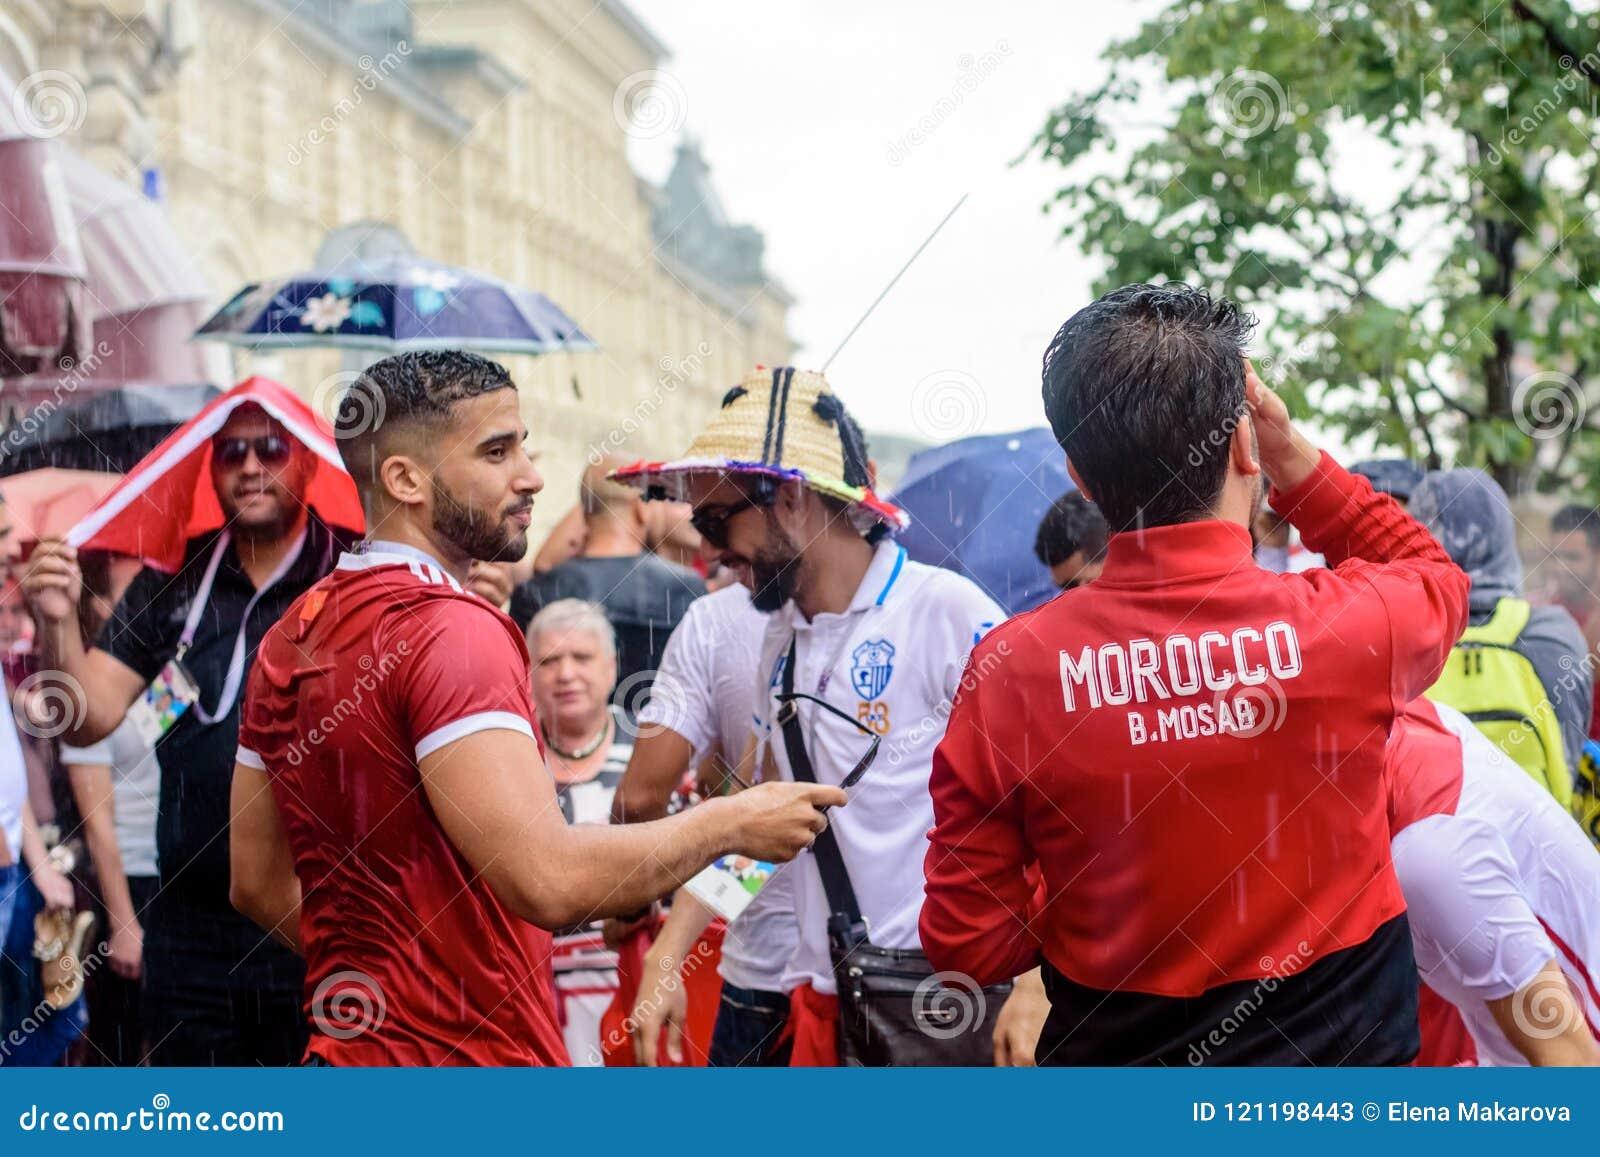 Tifosi marocchini nella pioggia vicino a GOMMA a Mosca